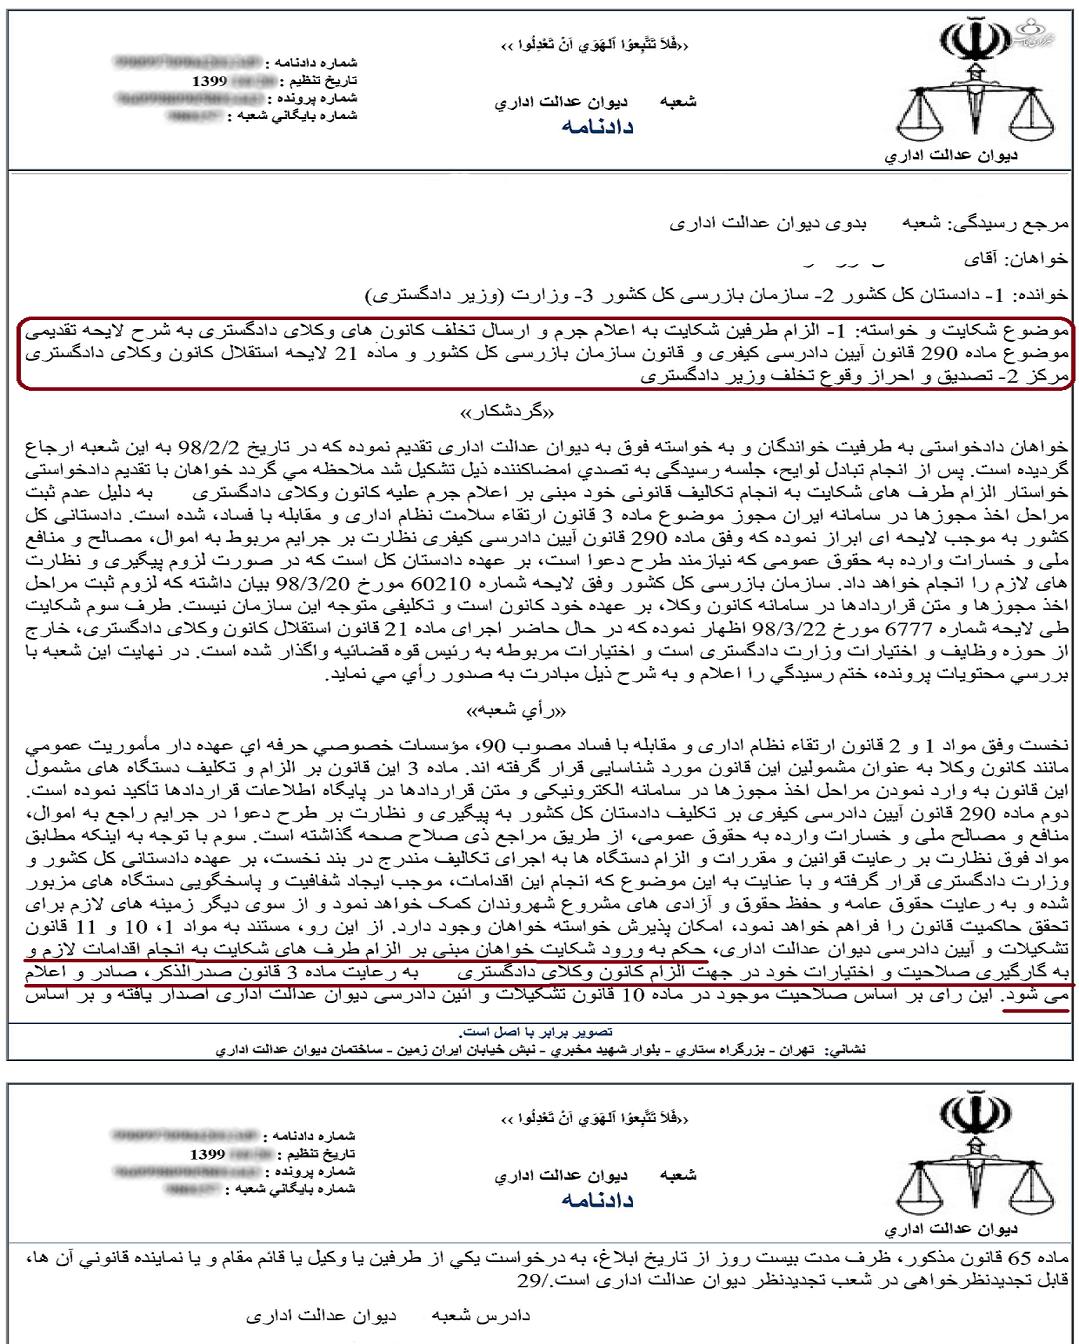 رأی منتشر شده در خبرگزاری فارس درباره الزام دادستان کل کشور و وزارت دادگستری به اعلام جرم علیه کانون وکلای دادگستری